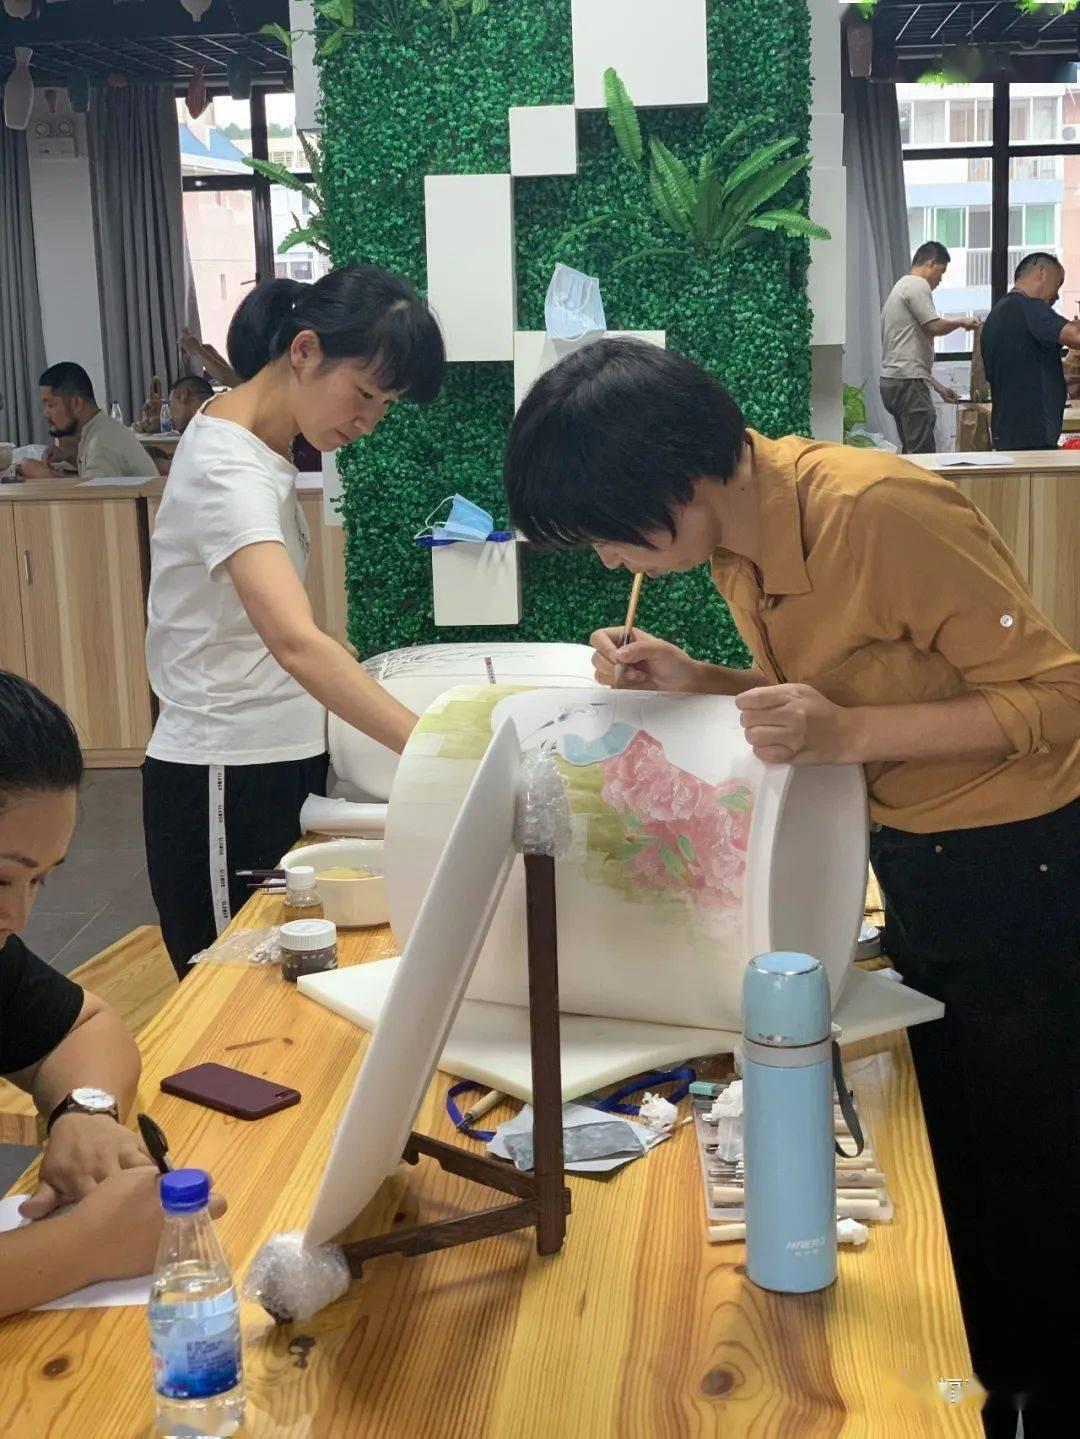 福建省陶瓷行业职工技能大赛暨2020年中国技能大赛 ——第六届全国陶瓷职业技能竞赛预选赛在德化艺术驻地举办